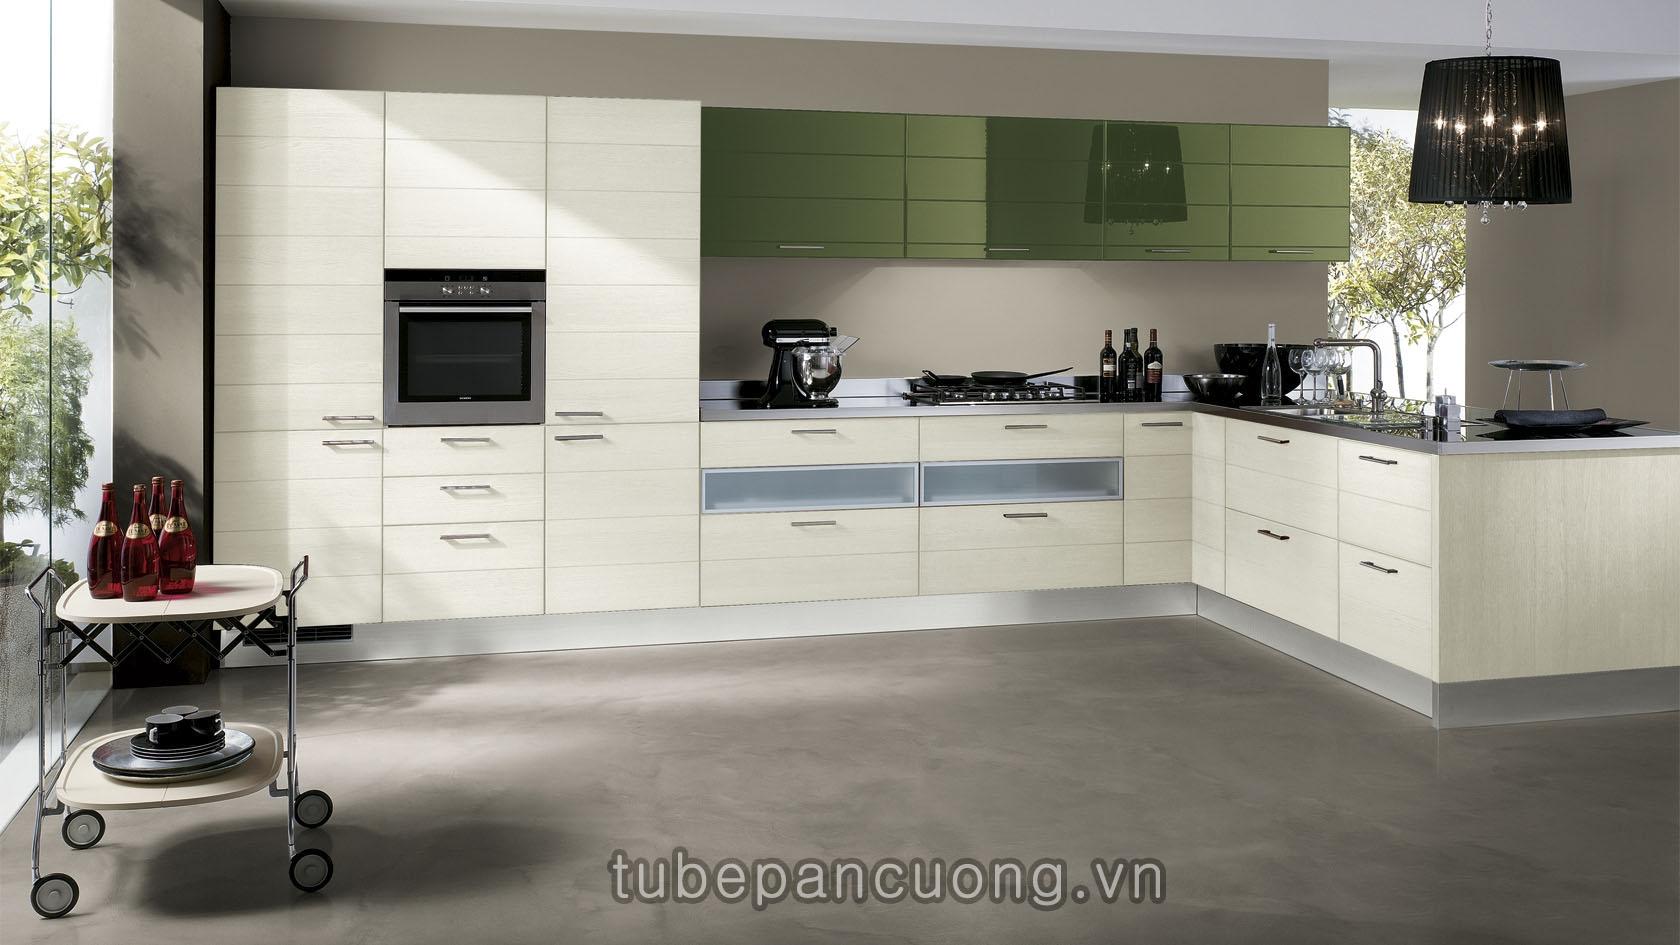 Tủ bếp Acrylic An Cường Mẫu 080